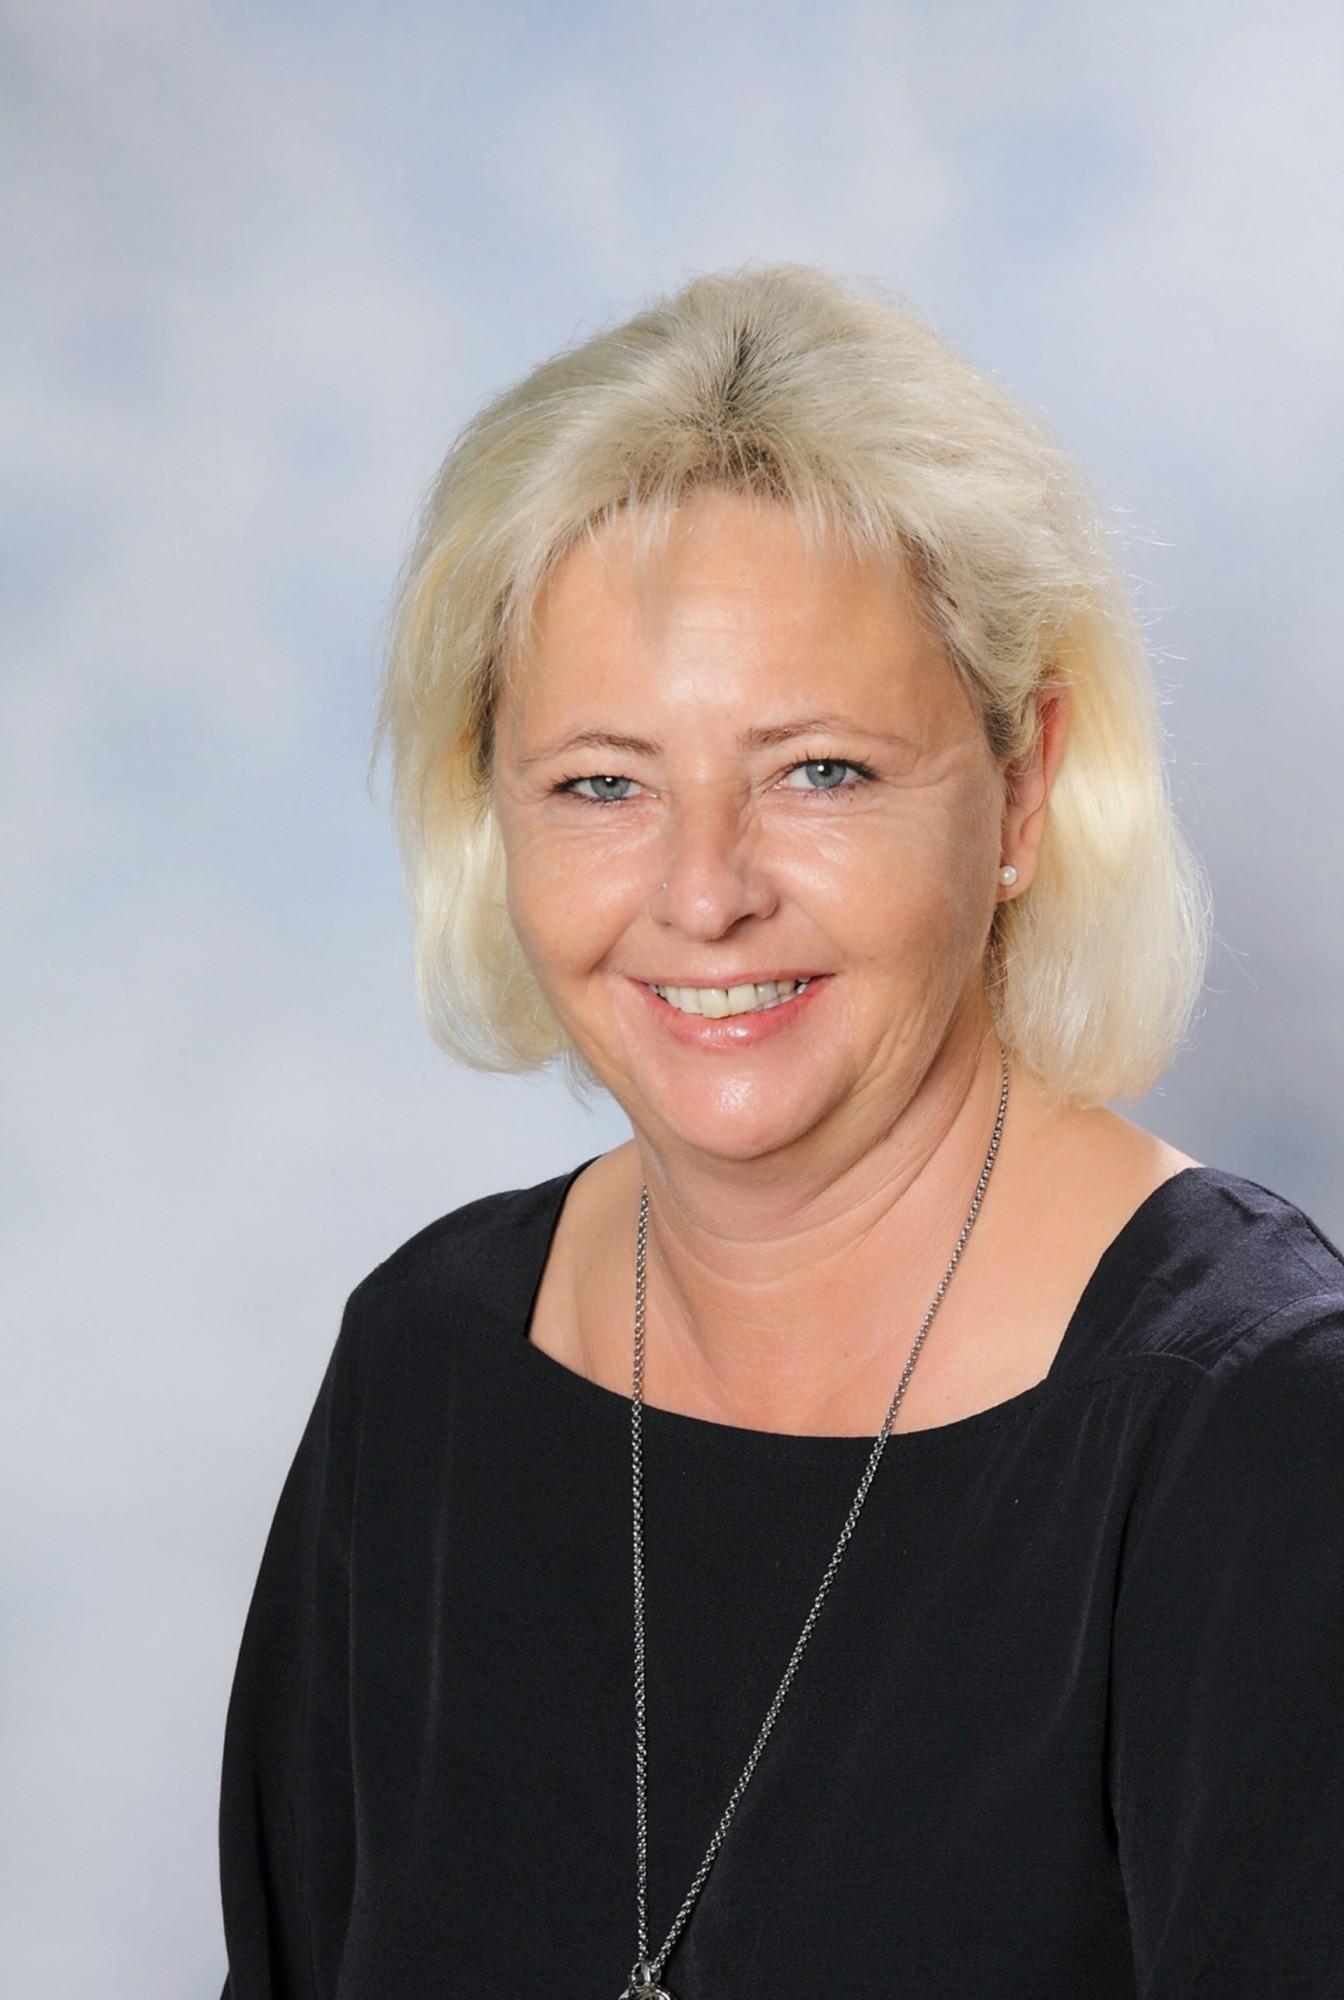 Jennifer Holzlechner